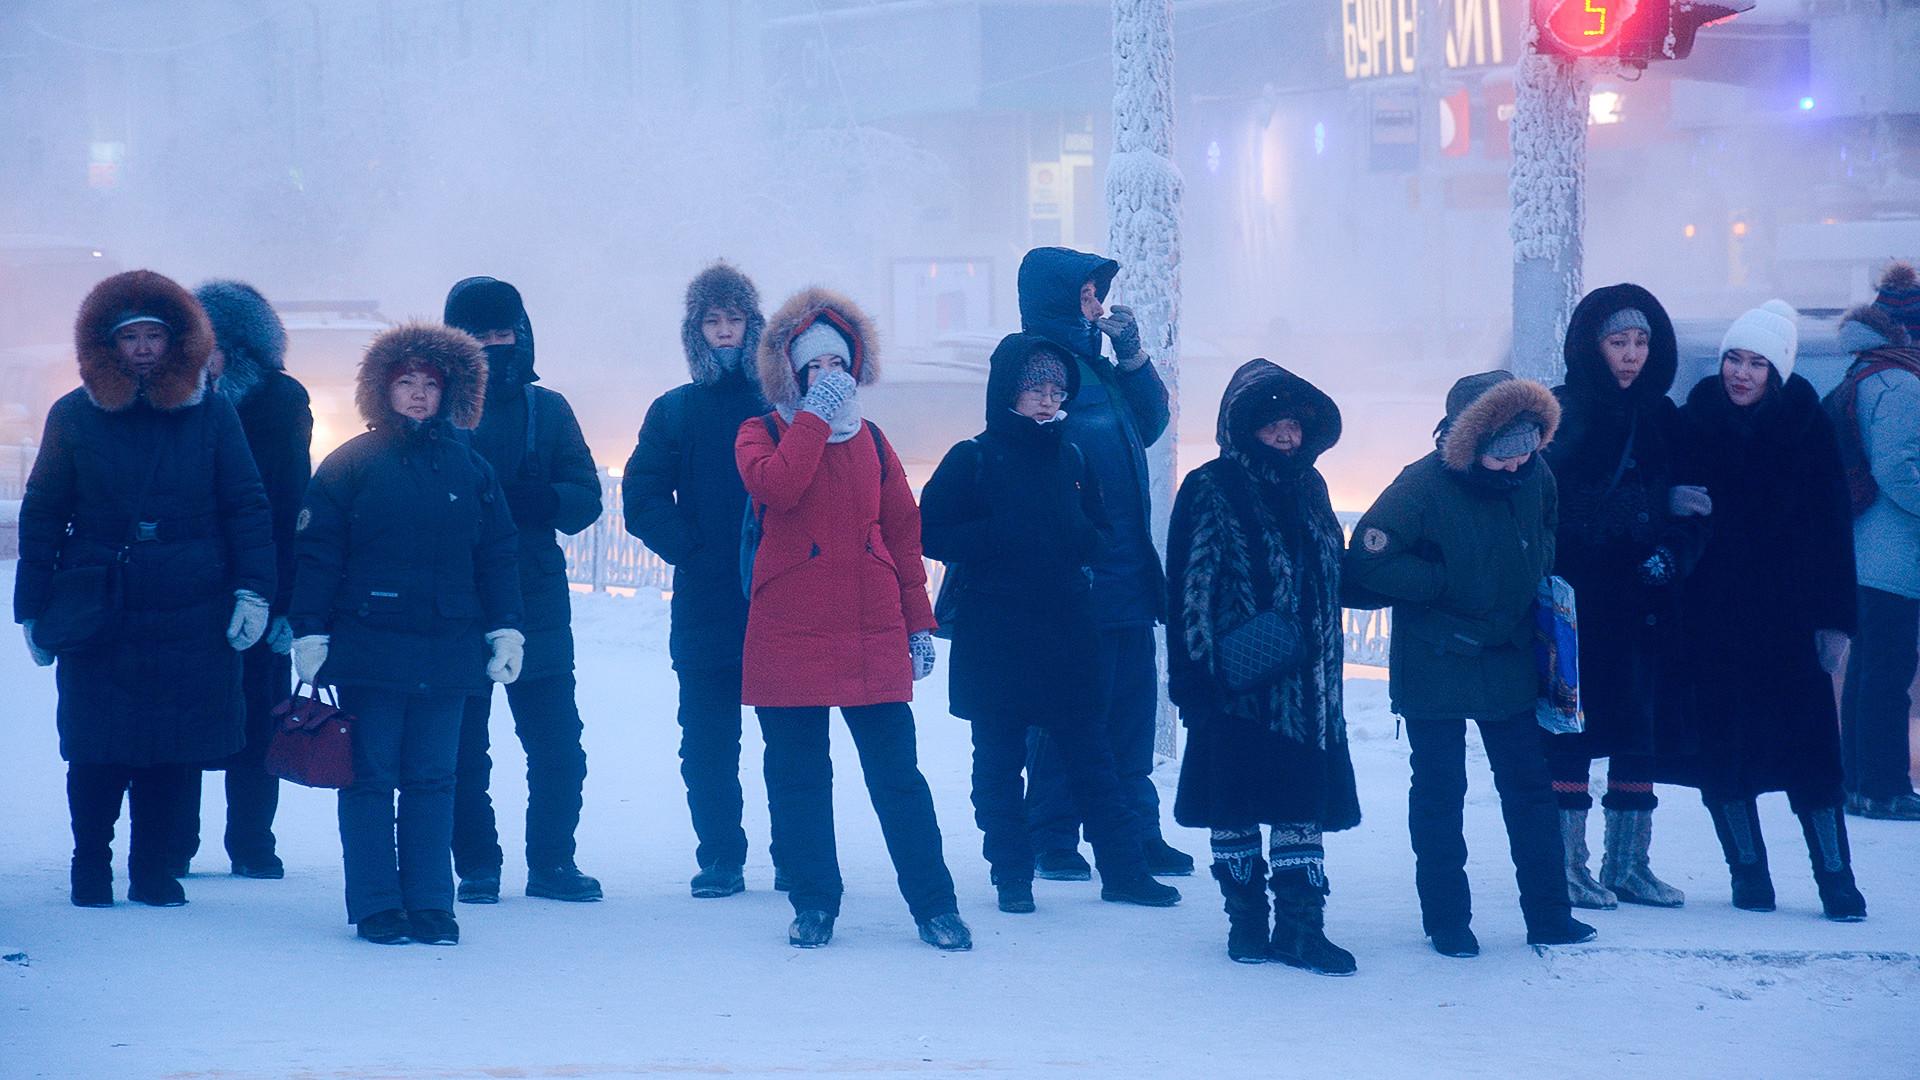 Местные жители на одной из улиц города Якутска. Температура опустилась до отметки минус 47 градусов по Цельсию.